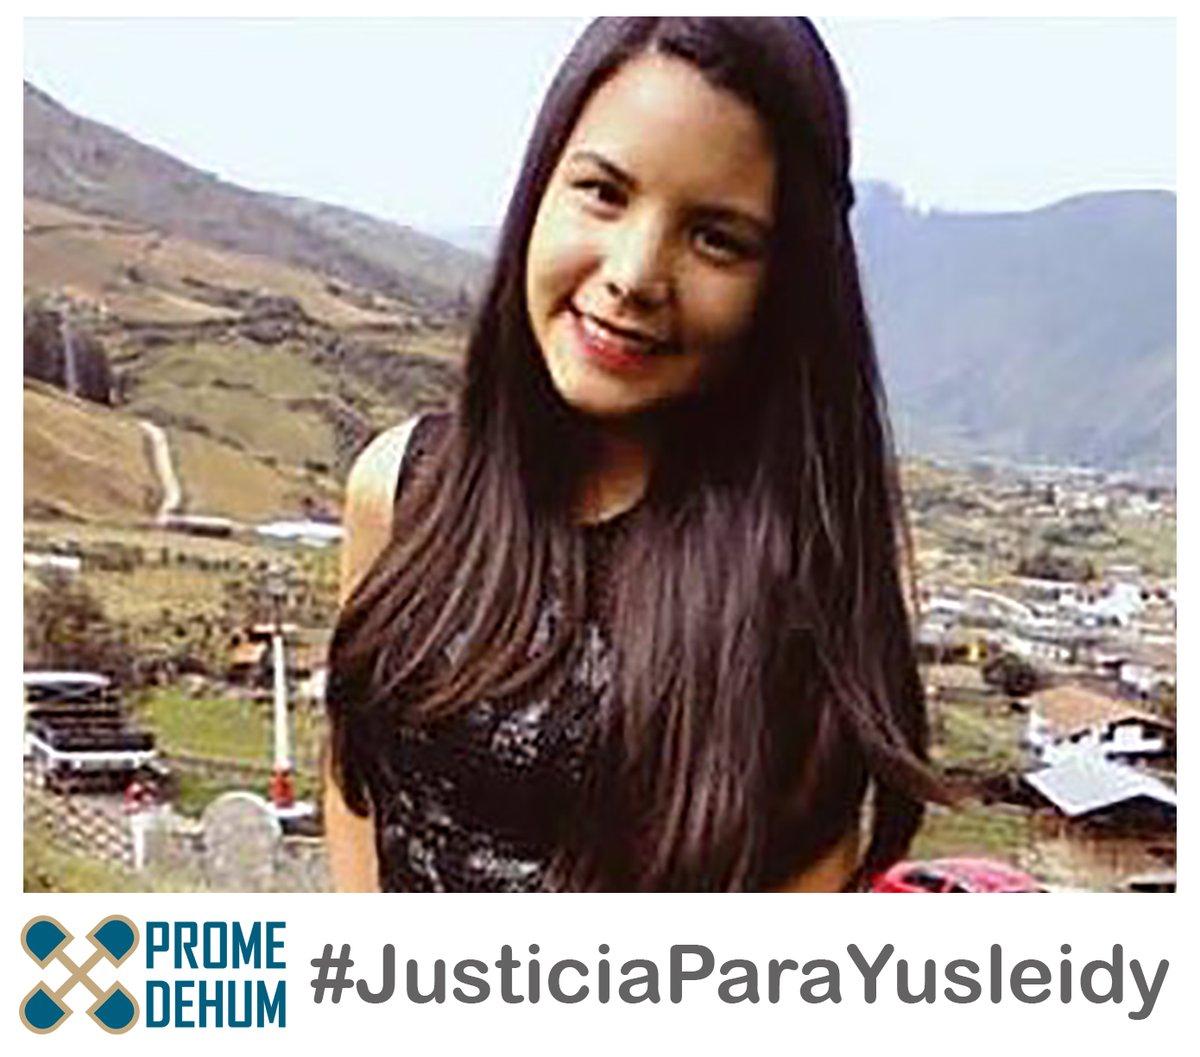 """PROMEDEHUM Twitter પર: """"Abogadas querellantes en el caso Yusleidy Salcedo  solicitaron al presidente del TSJ que los 8 implicados en la violación y  feminicidio de Yusleidy sean trasladados a un internado judicial"""